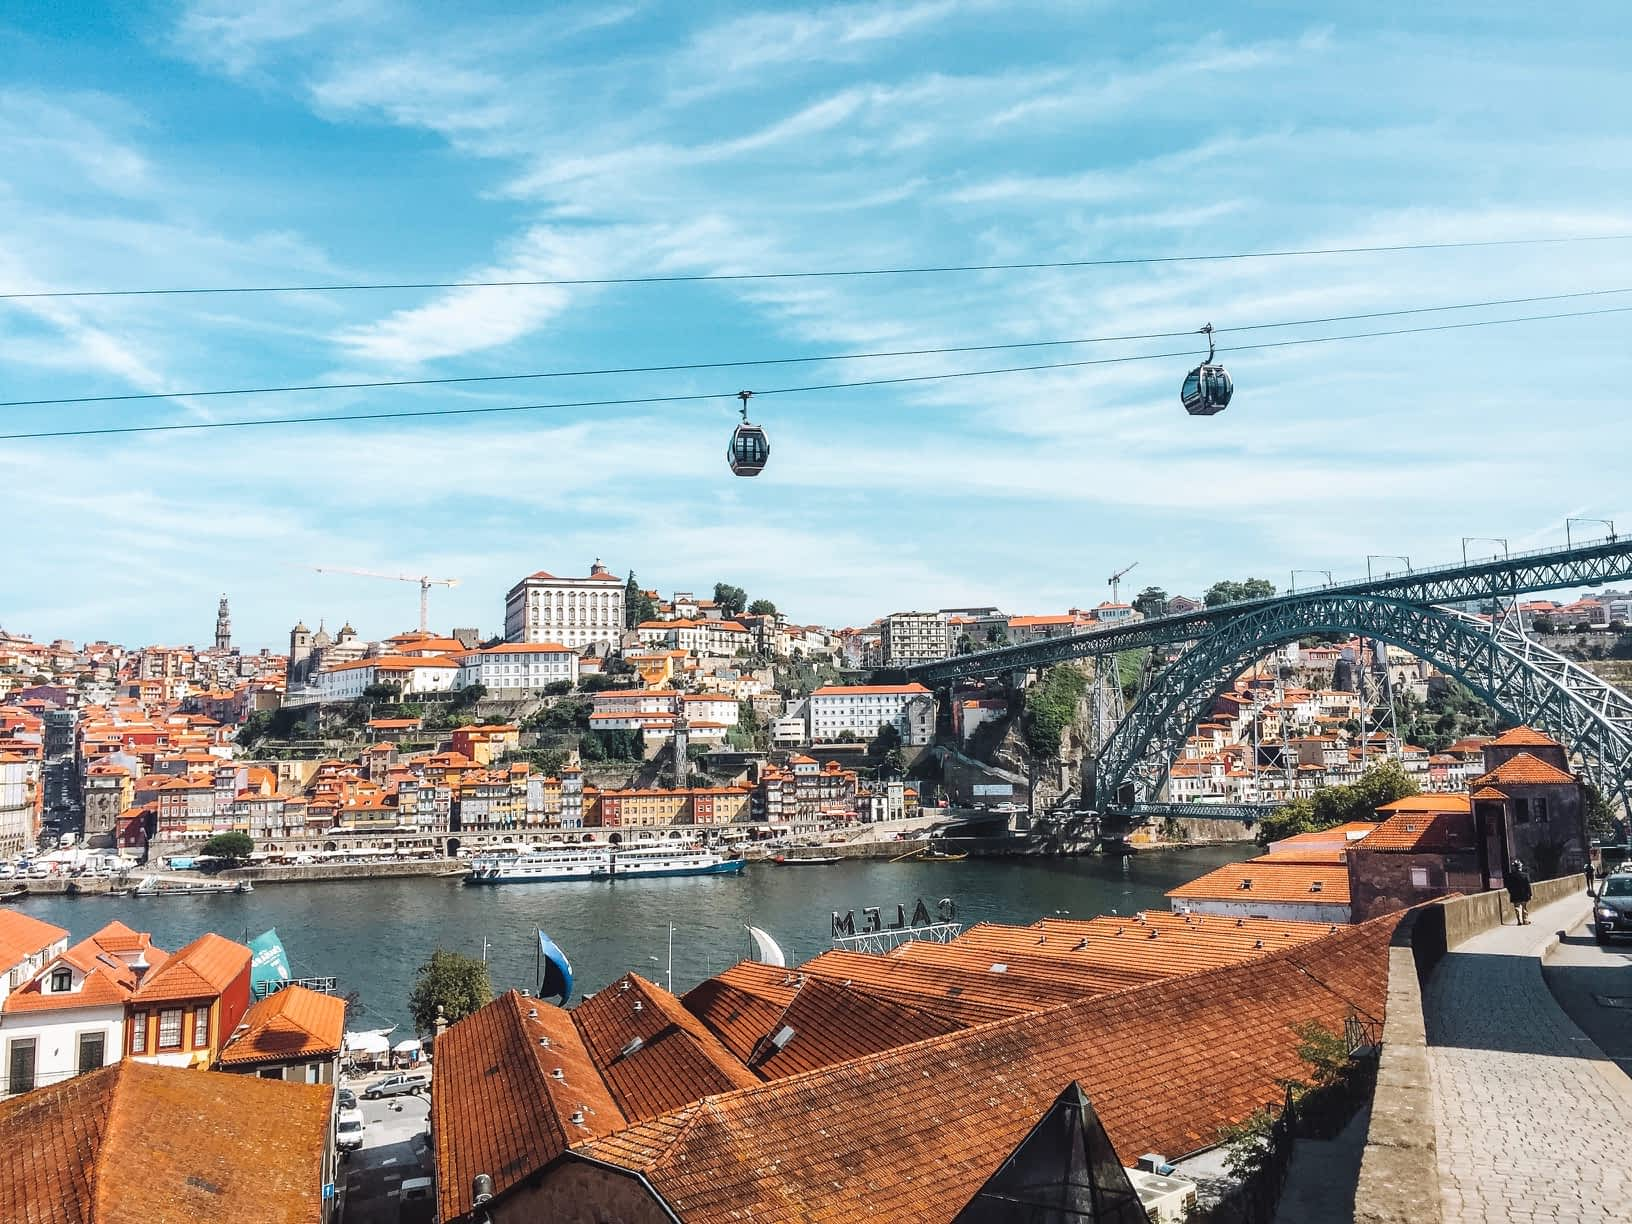 Views of Porto in Portugal